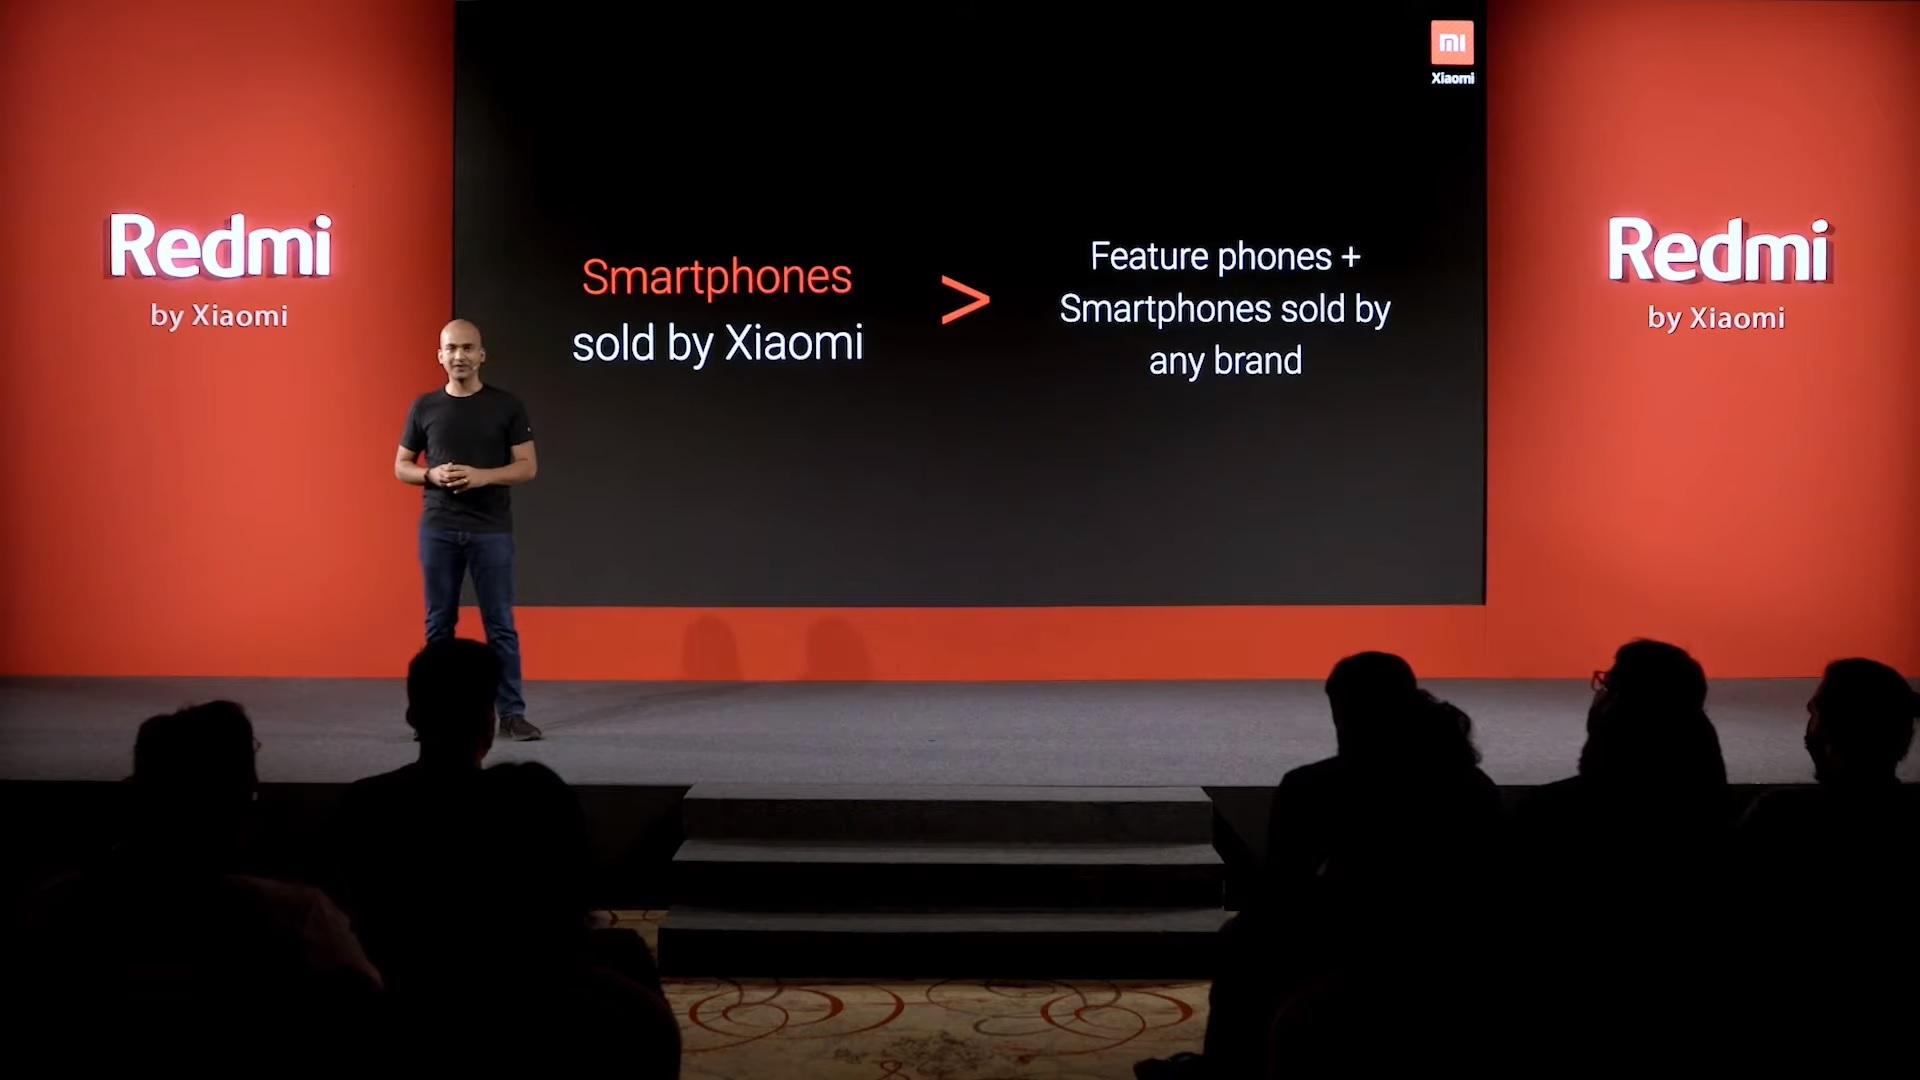 Xiaomi sprzedało już ponad 110 mln smartfonów z serii Redmi Note